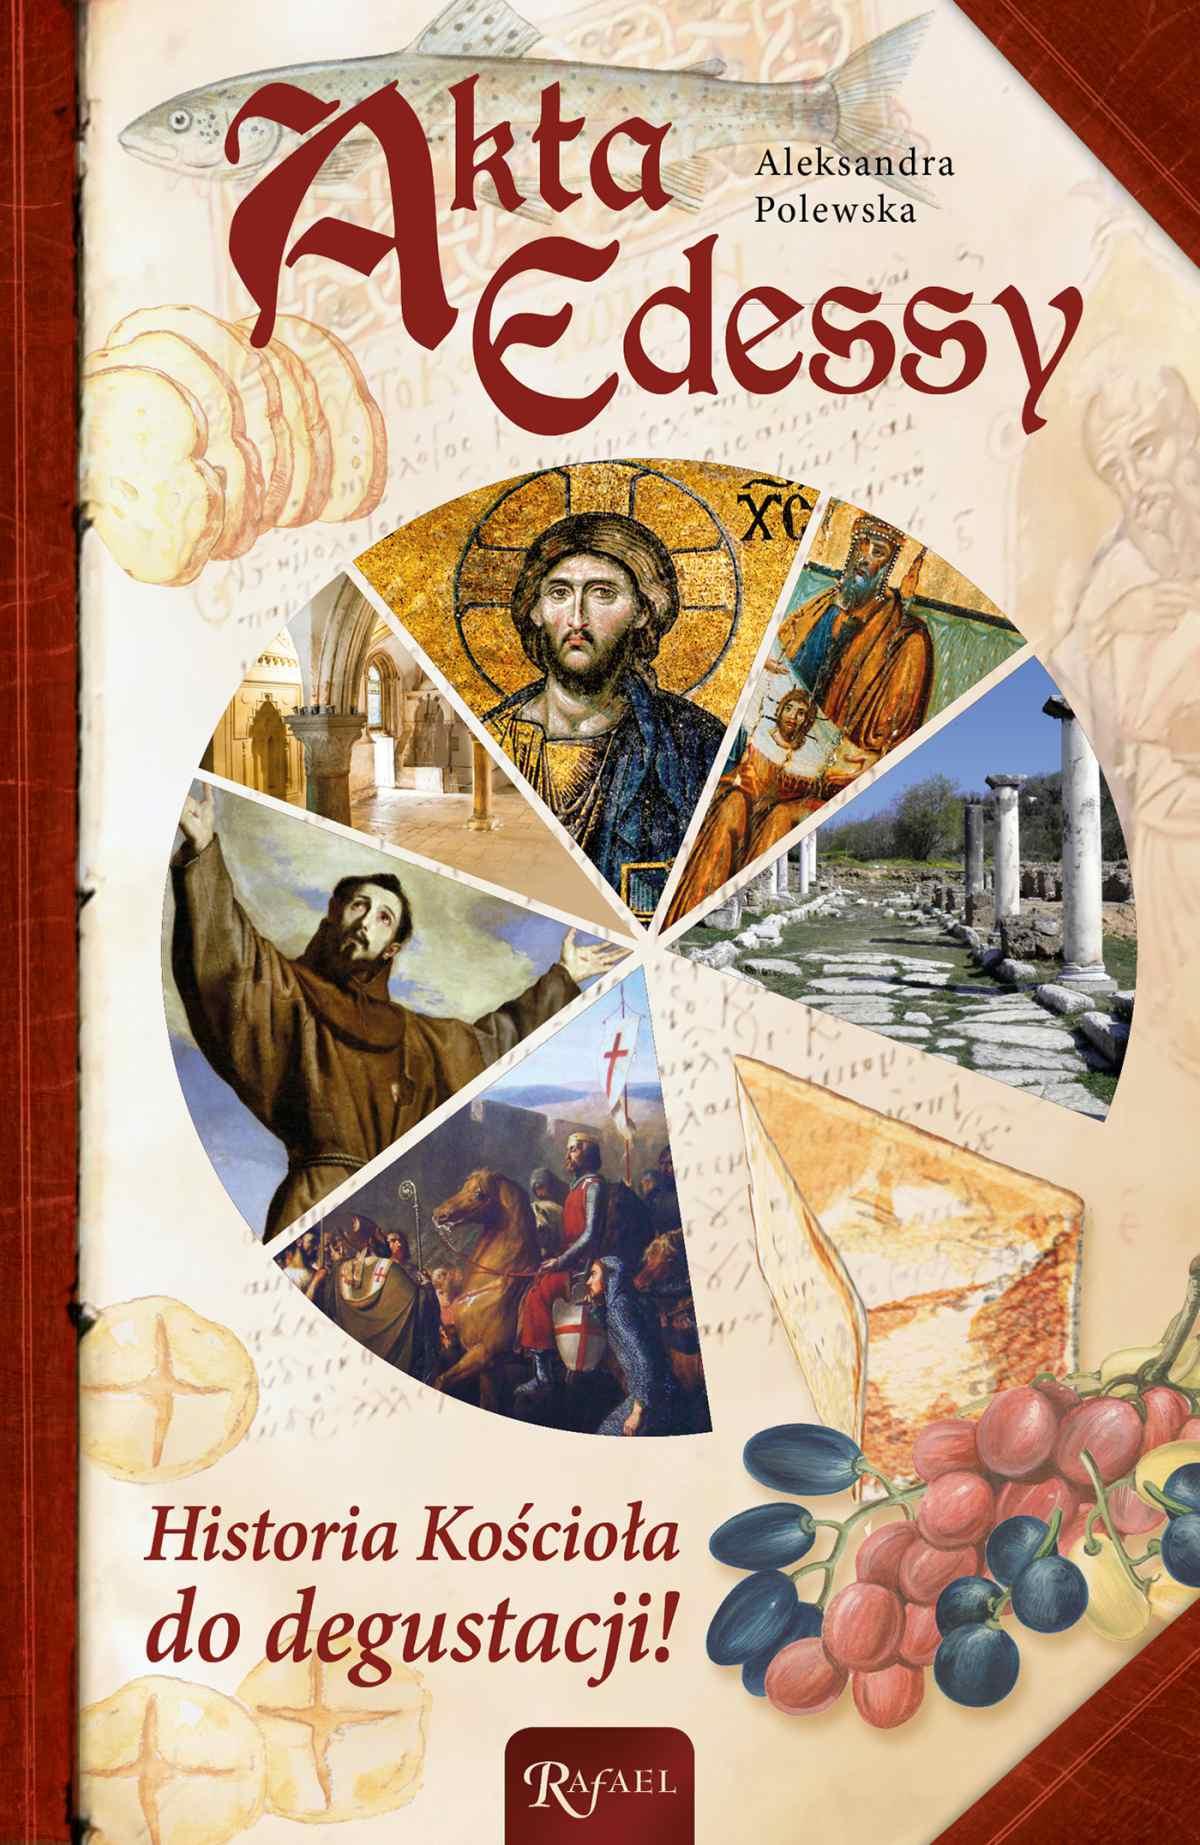 Akta Edessy. Historia Kościoła do degustacji! - Ebook (Książka na Kindle) do pobrania w formacie MOBI